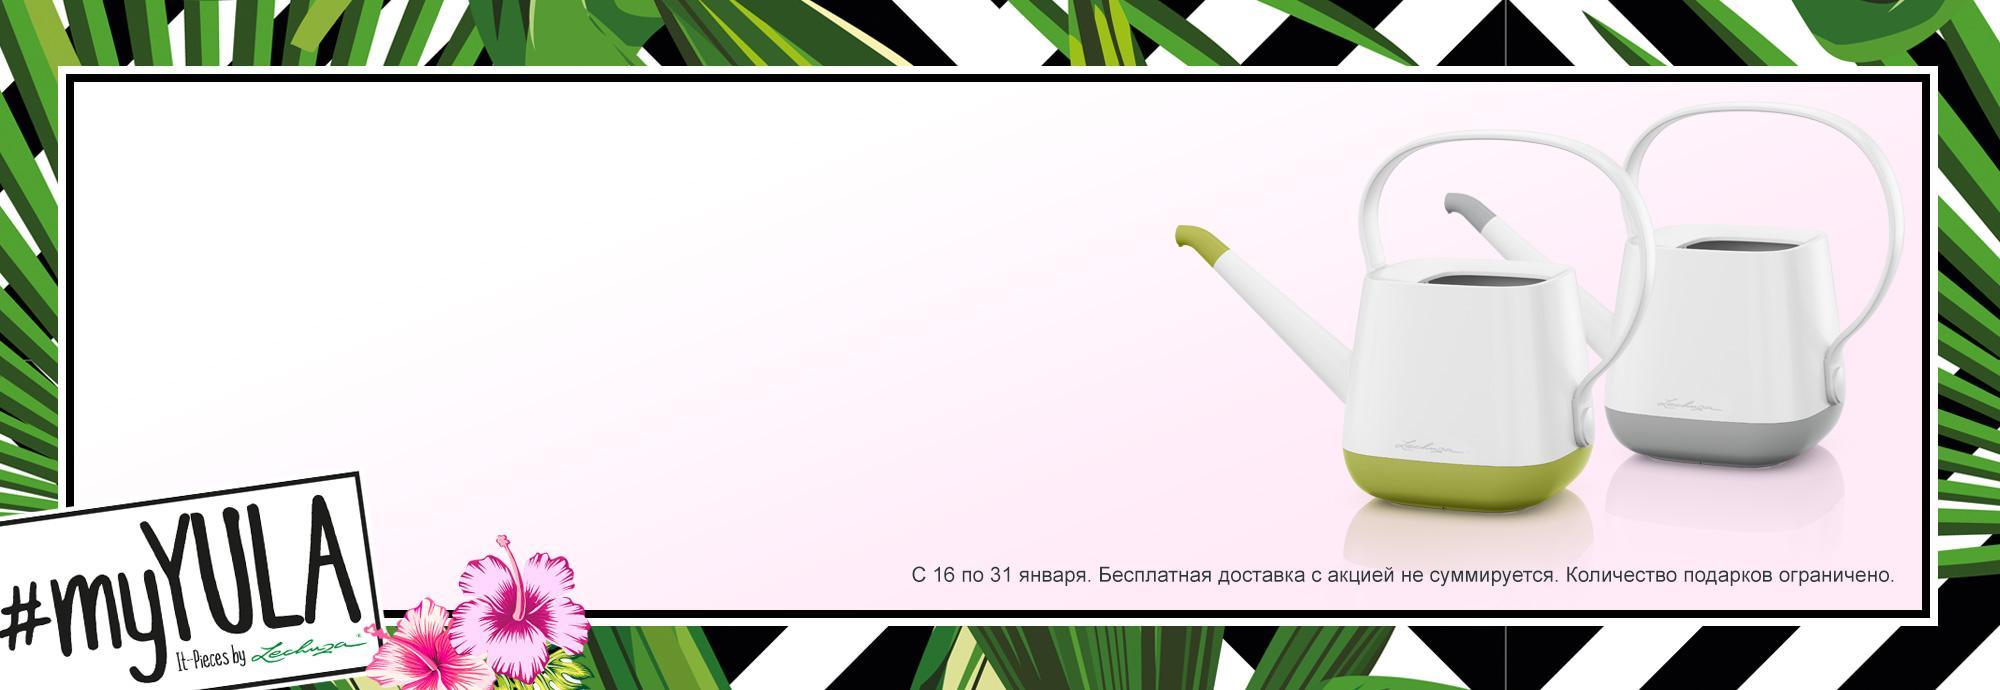 hero_banner_promo_yula2019_ru